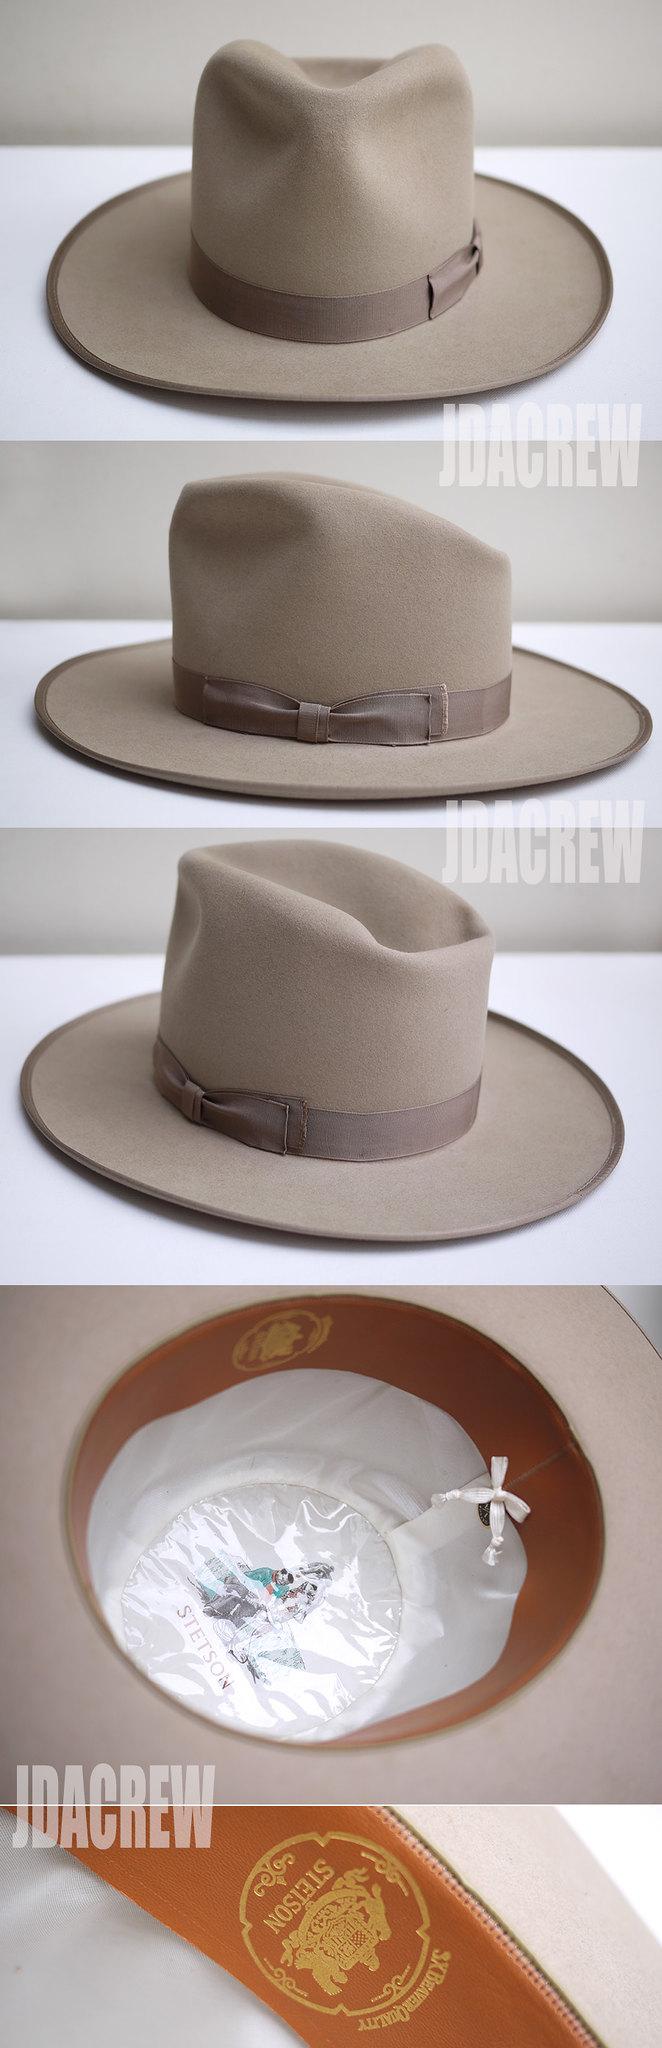 ジョニーデップ帽子ウエスタンベージュstetson